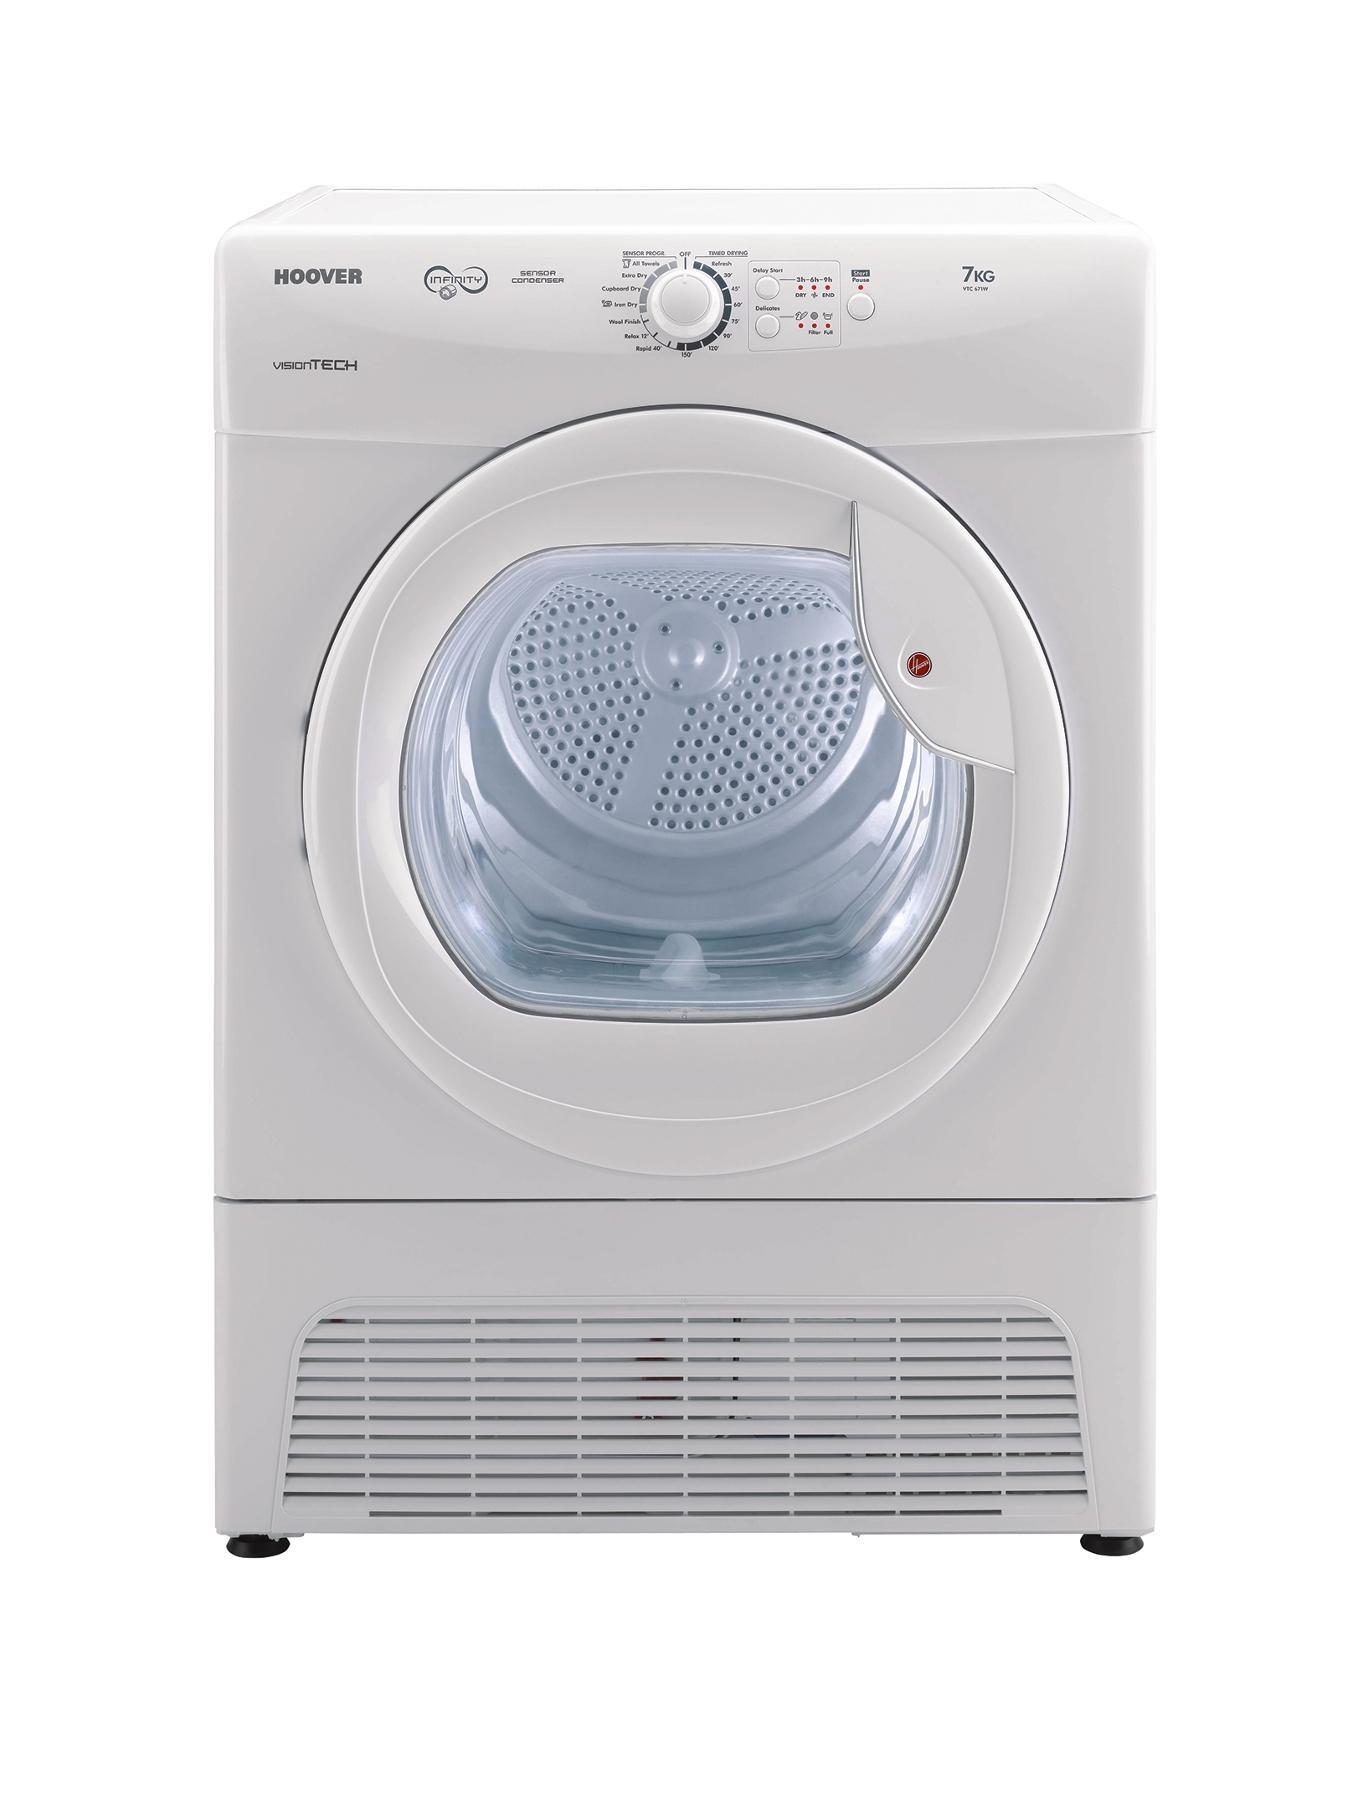 VTC671W 7kg Condenser Sensor Dryer - White